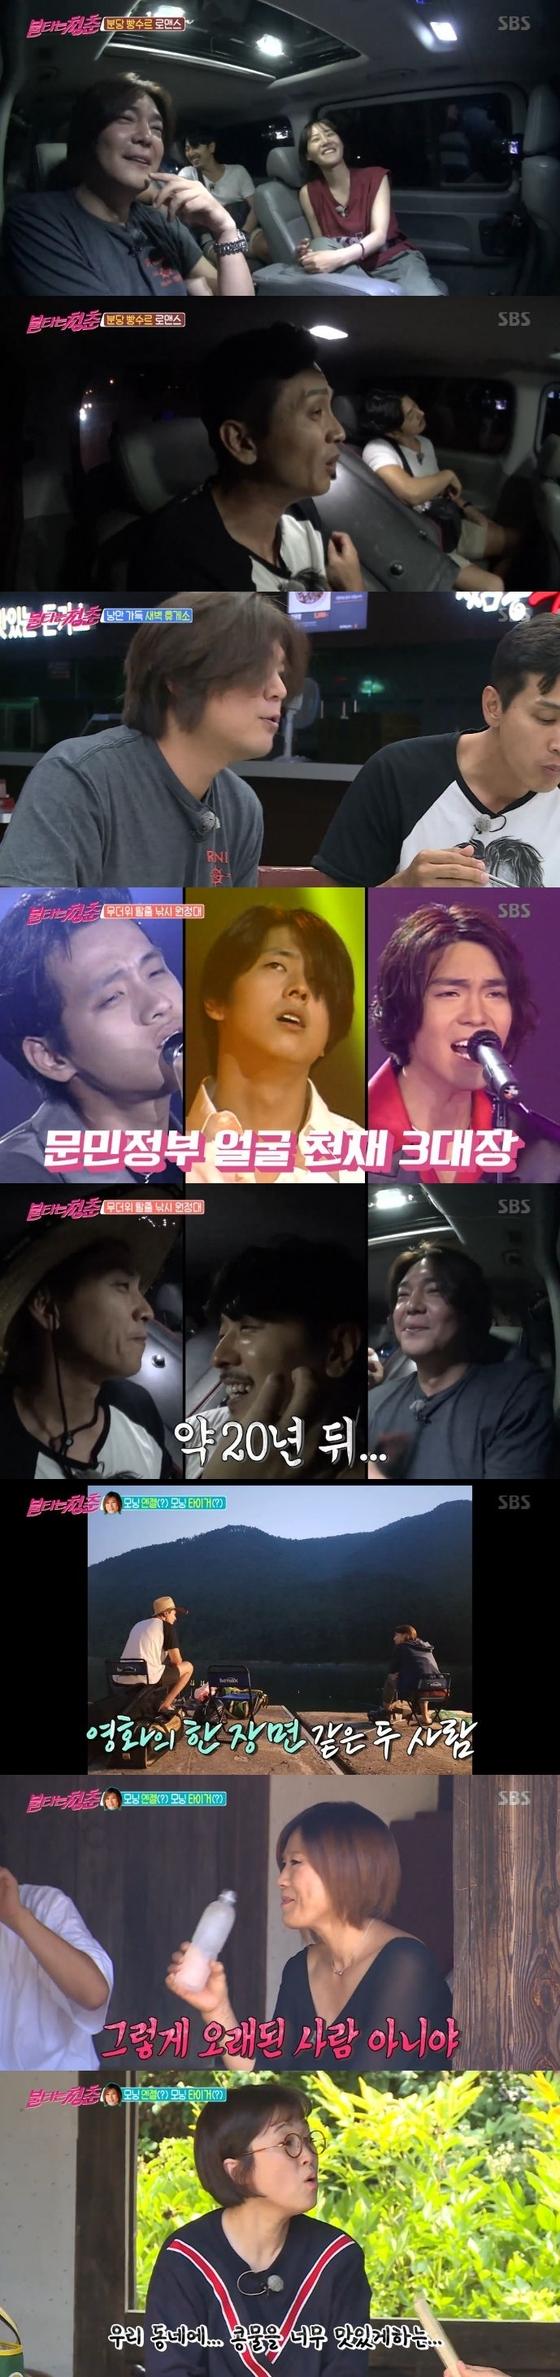 '불청' 강경헌X구본승의 러브라인, 신효범도 '인정'(종합)